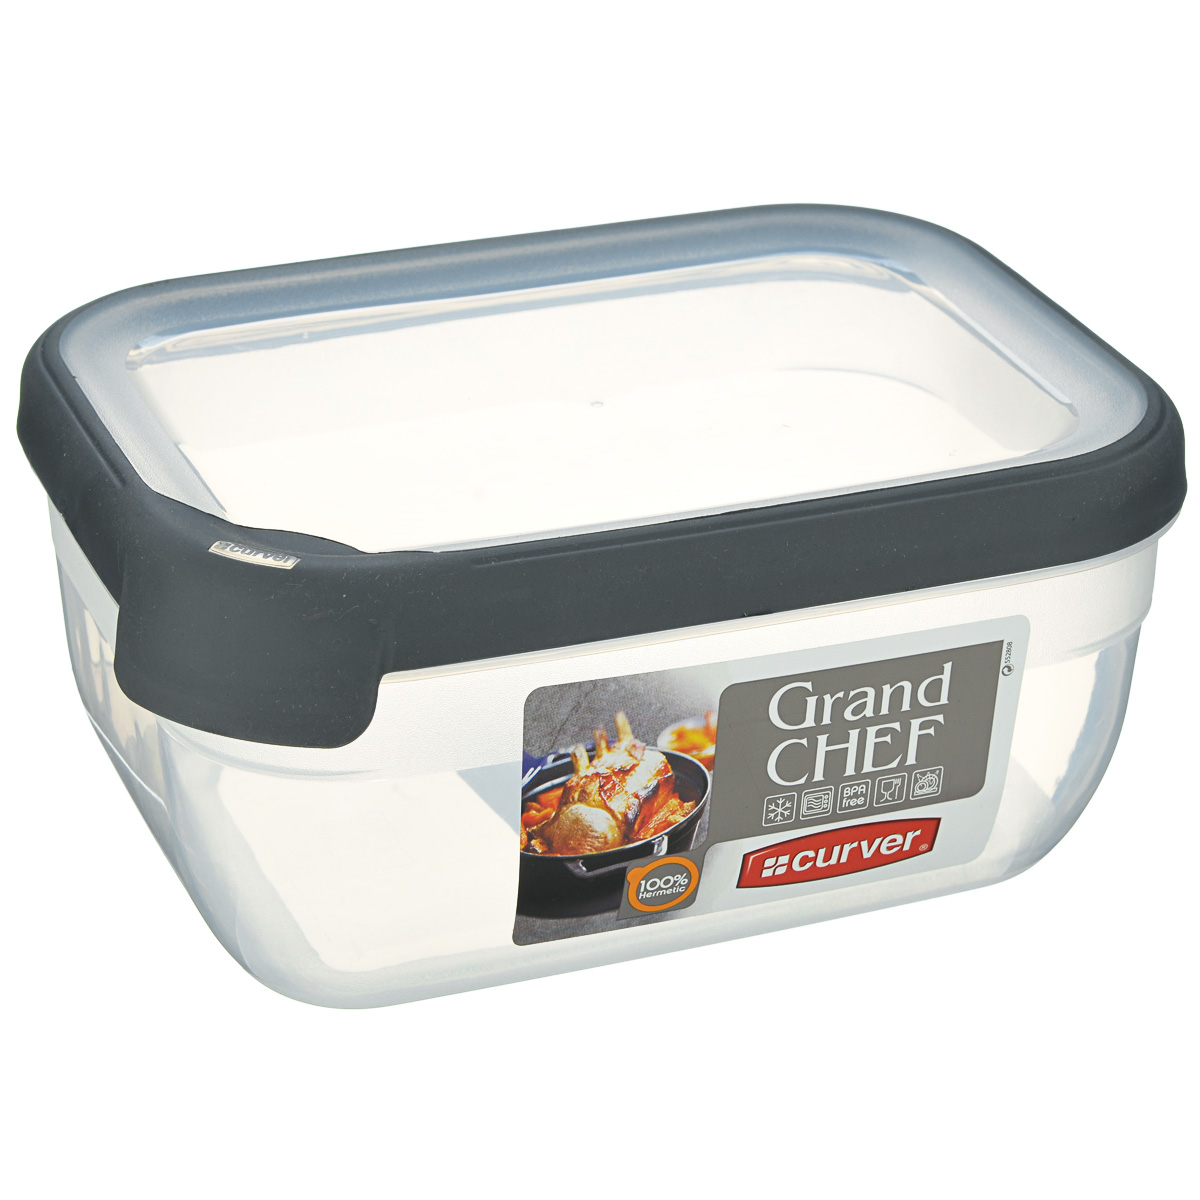 Емкость для заморозки и СВЧ Curver Grand Chef, цвет: прозрачный, серый, 1,8 лVT-1520(SR)Прямоугольная емкость для заморозки и СВЧ Grand Chef изготовлена из высококачественного пищевого пластика (BPA free), который выдерживает температуру от -40°С до +100°С. Стенки емкости и крышка прозрачные. Крышка по краю оснащена силиконовой вставкой, благодаря которой плотно и герметично закрывается, дольше сохраняя продукты свежими и вкусными. Емкость удобно брать с собой на пикник, дачу, в поход или просто использовать для хранения пищи в холодильнике. Можно использовать в микроволновой печи и для заморозки в морозильной камере. Можно мыть в посудомоечной машине.